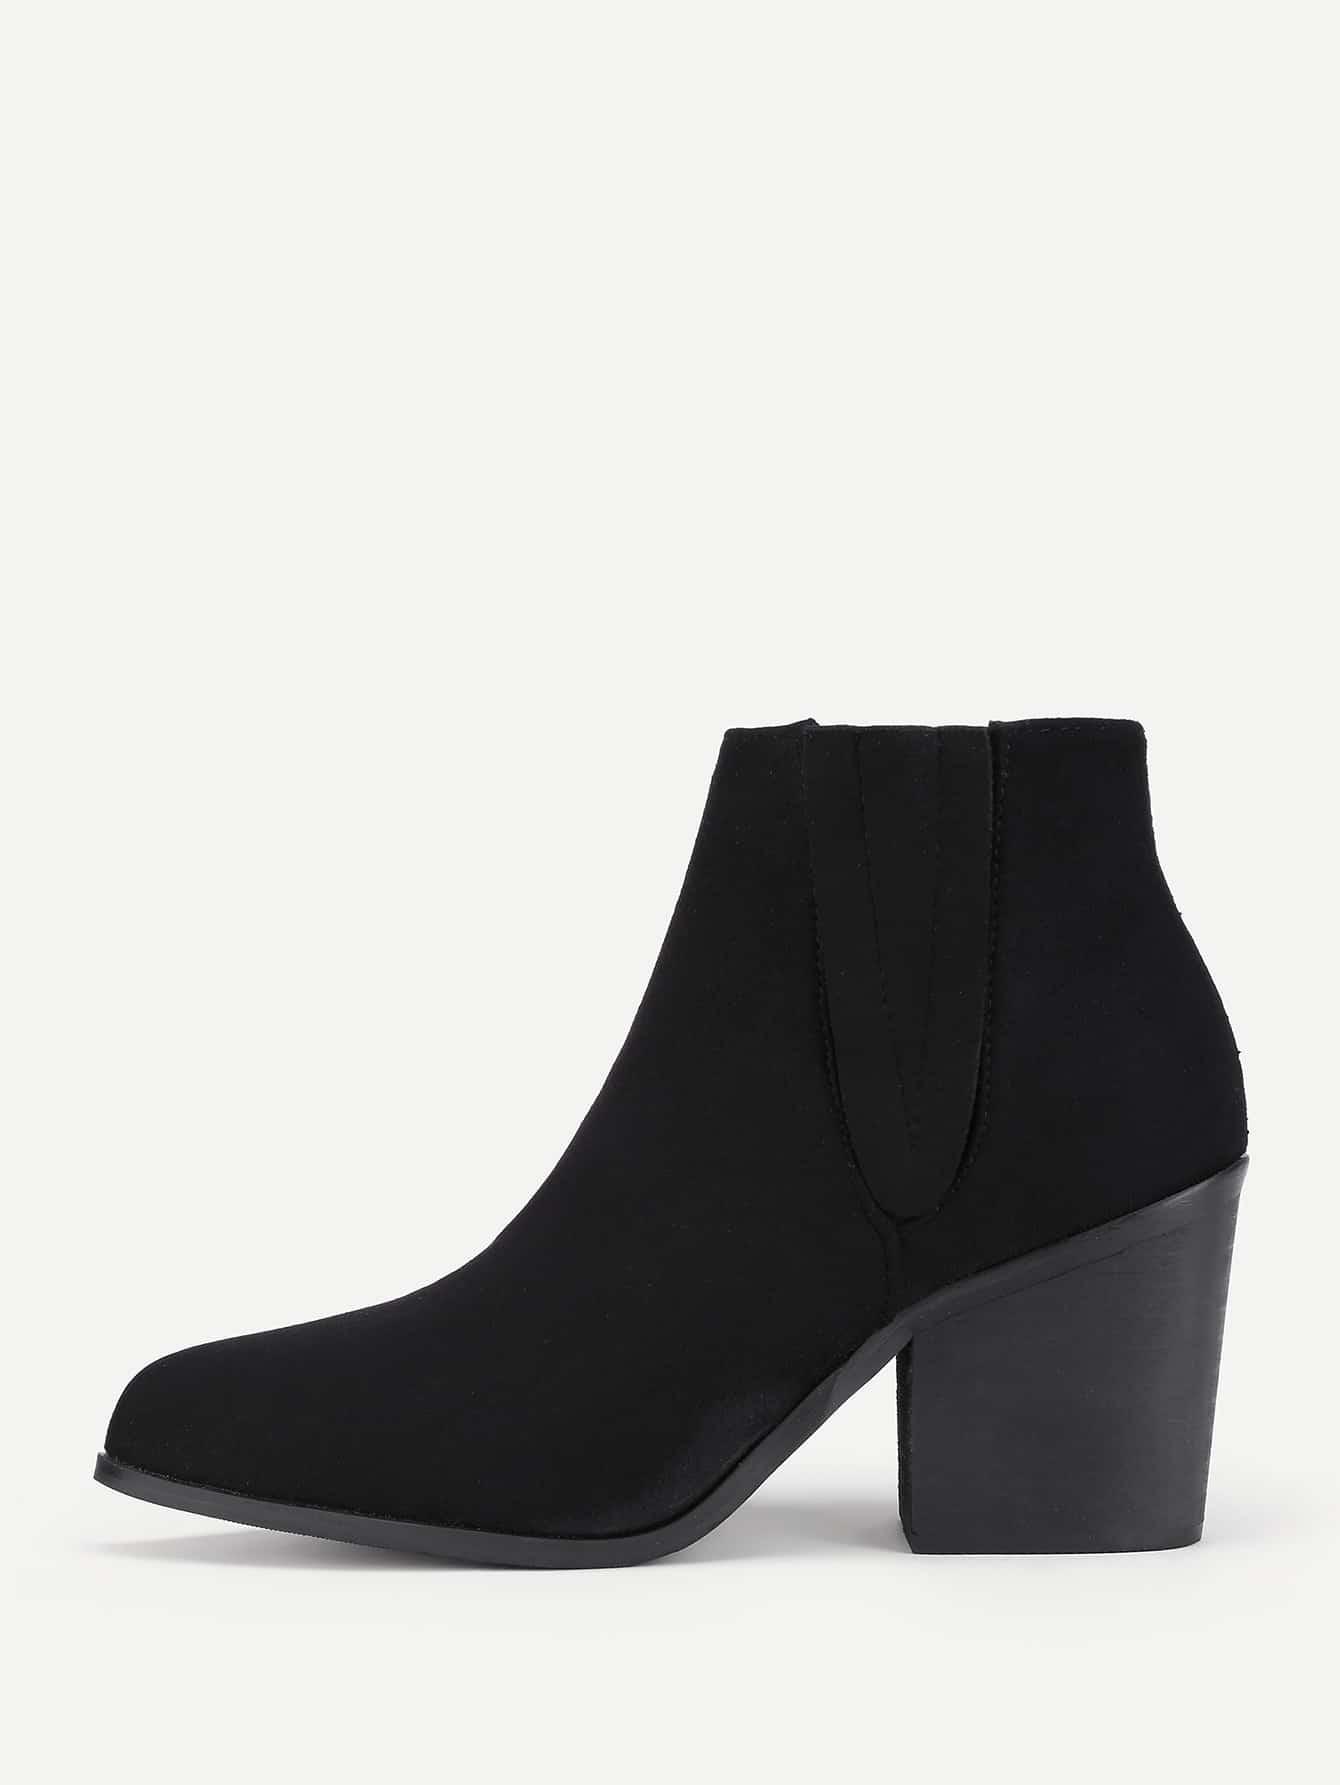 Модные замшевые полусапожки на каблуках